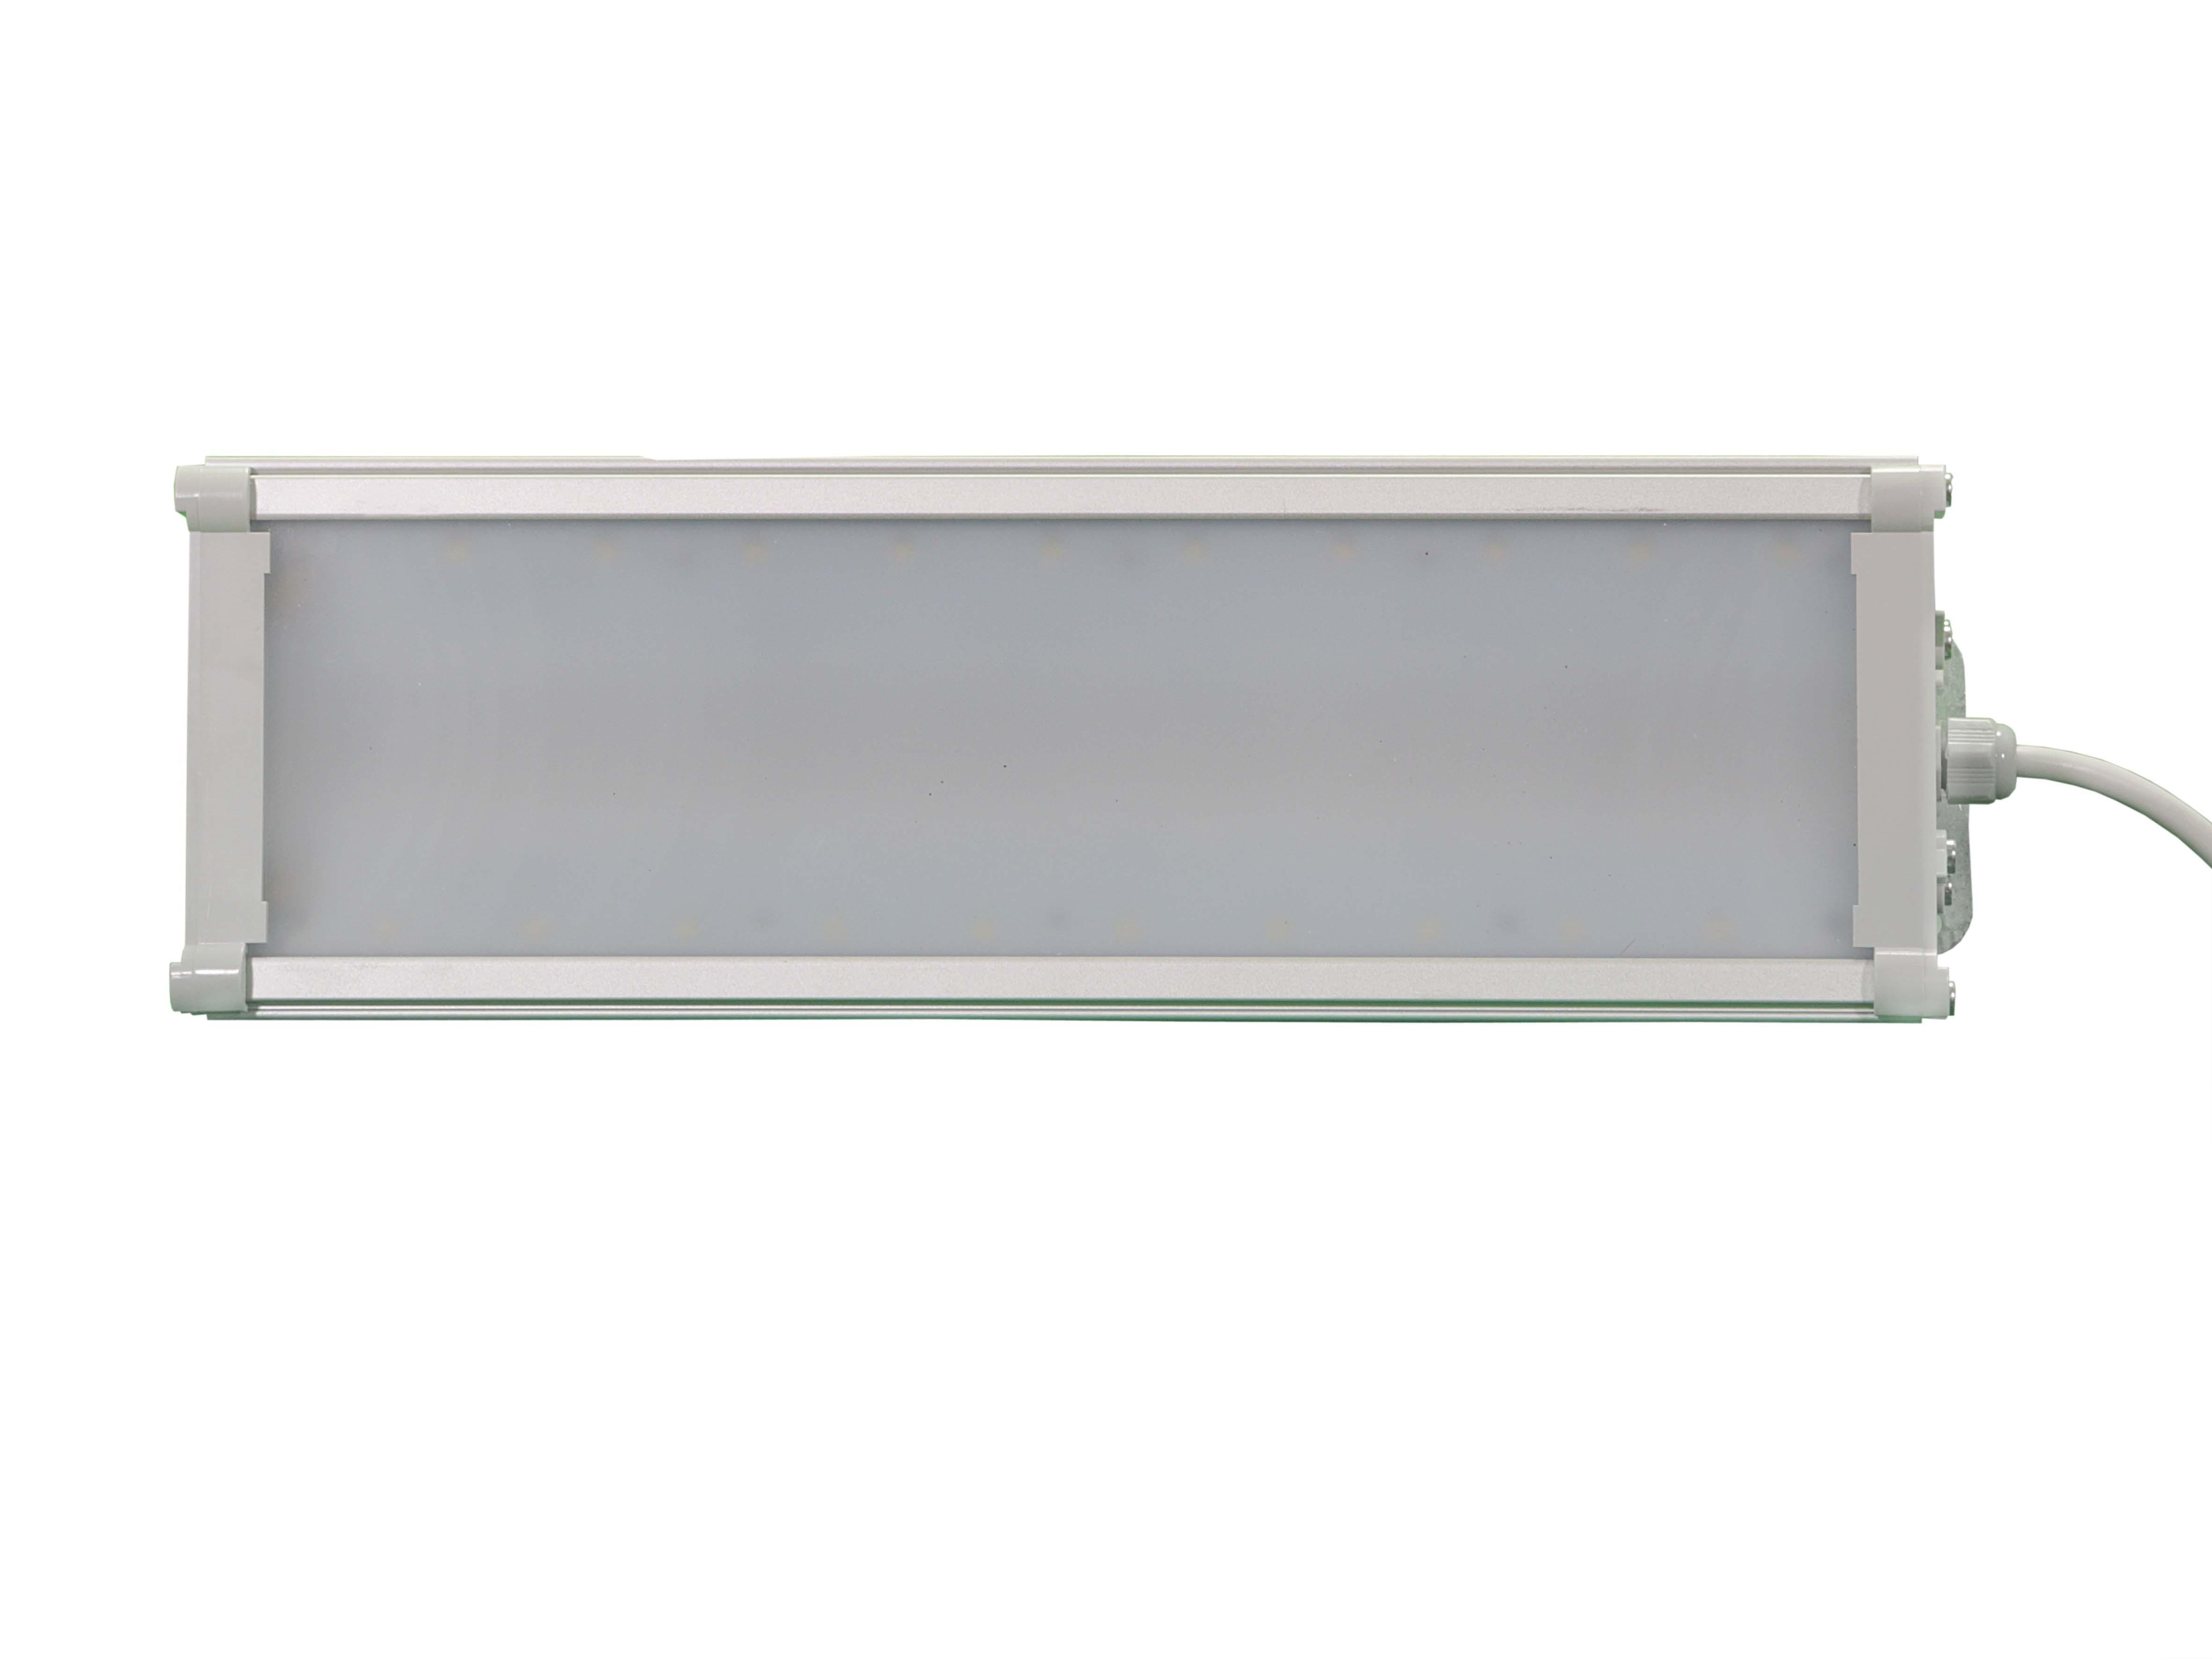 Уличный светодиодный светильник Сириус-160 160Вт 25984Лм